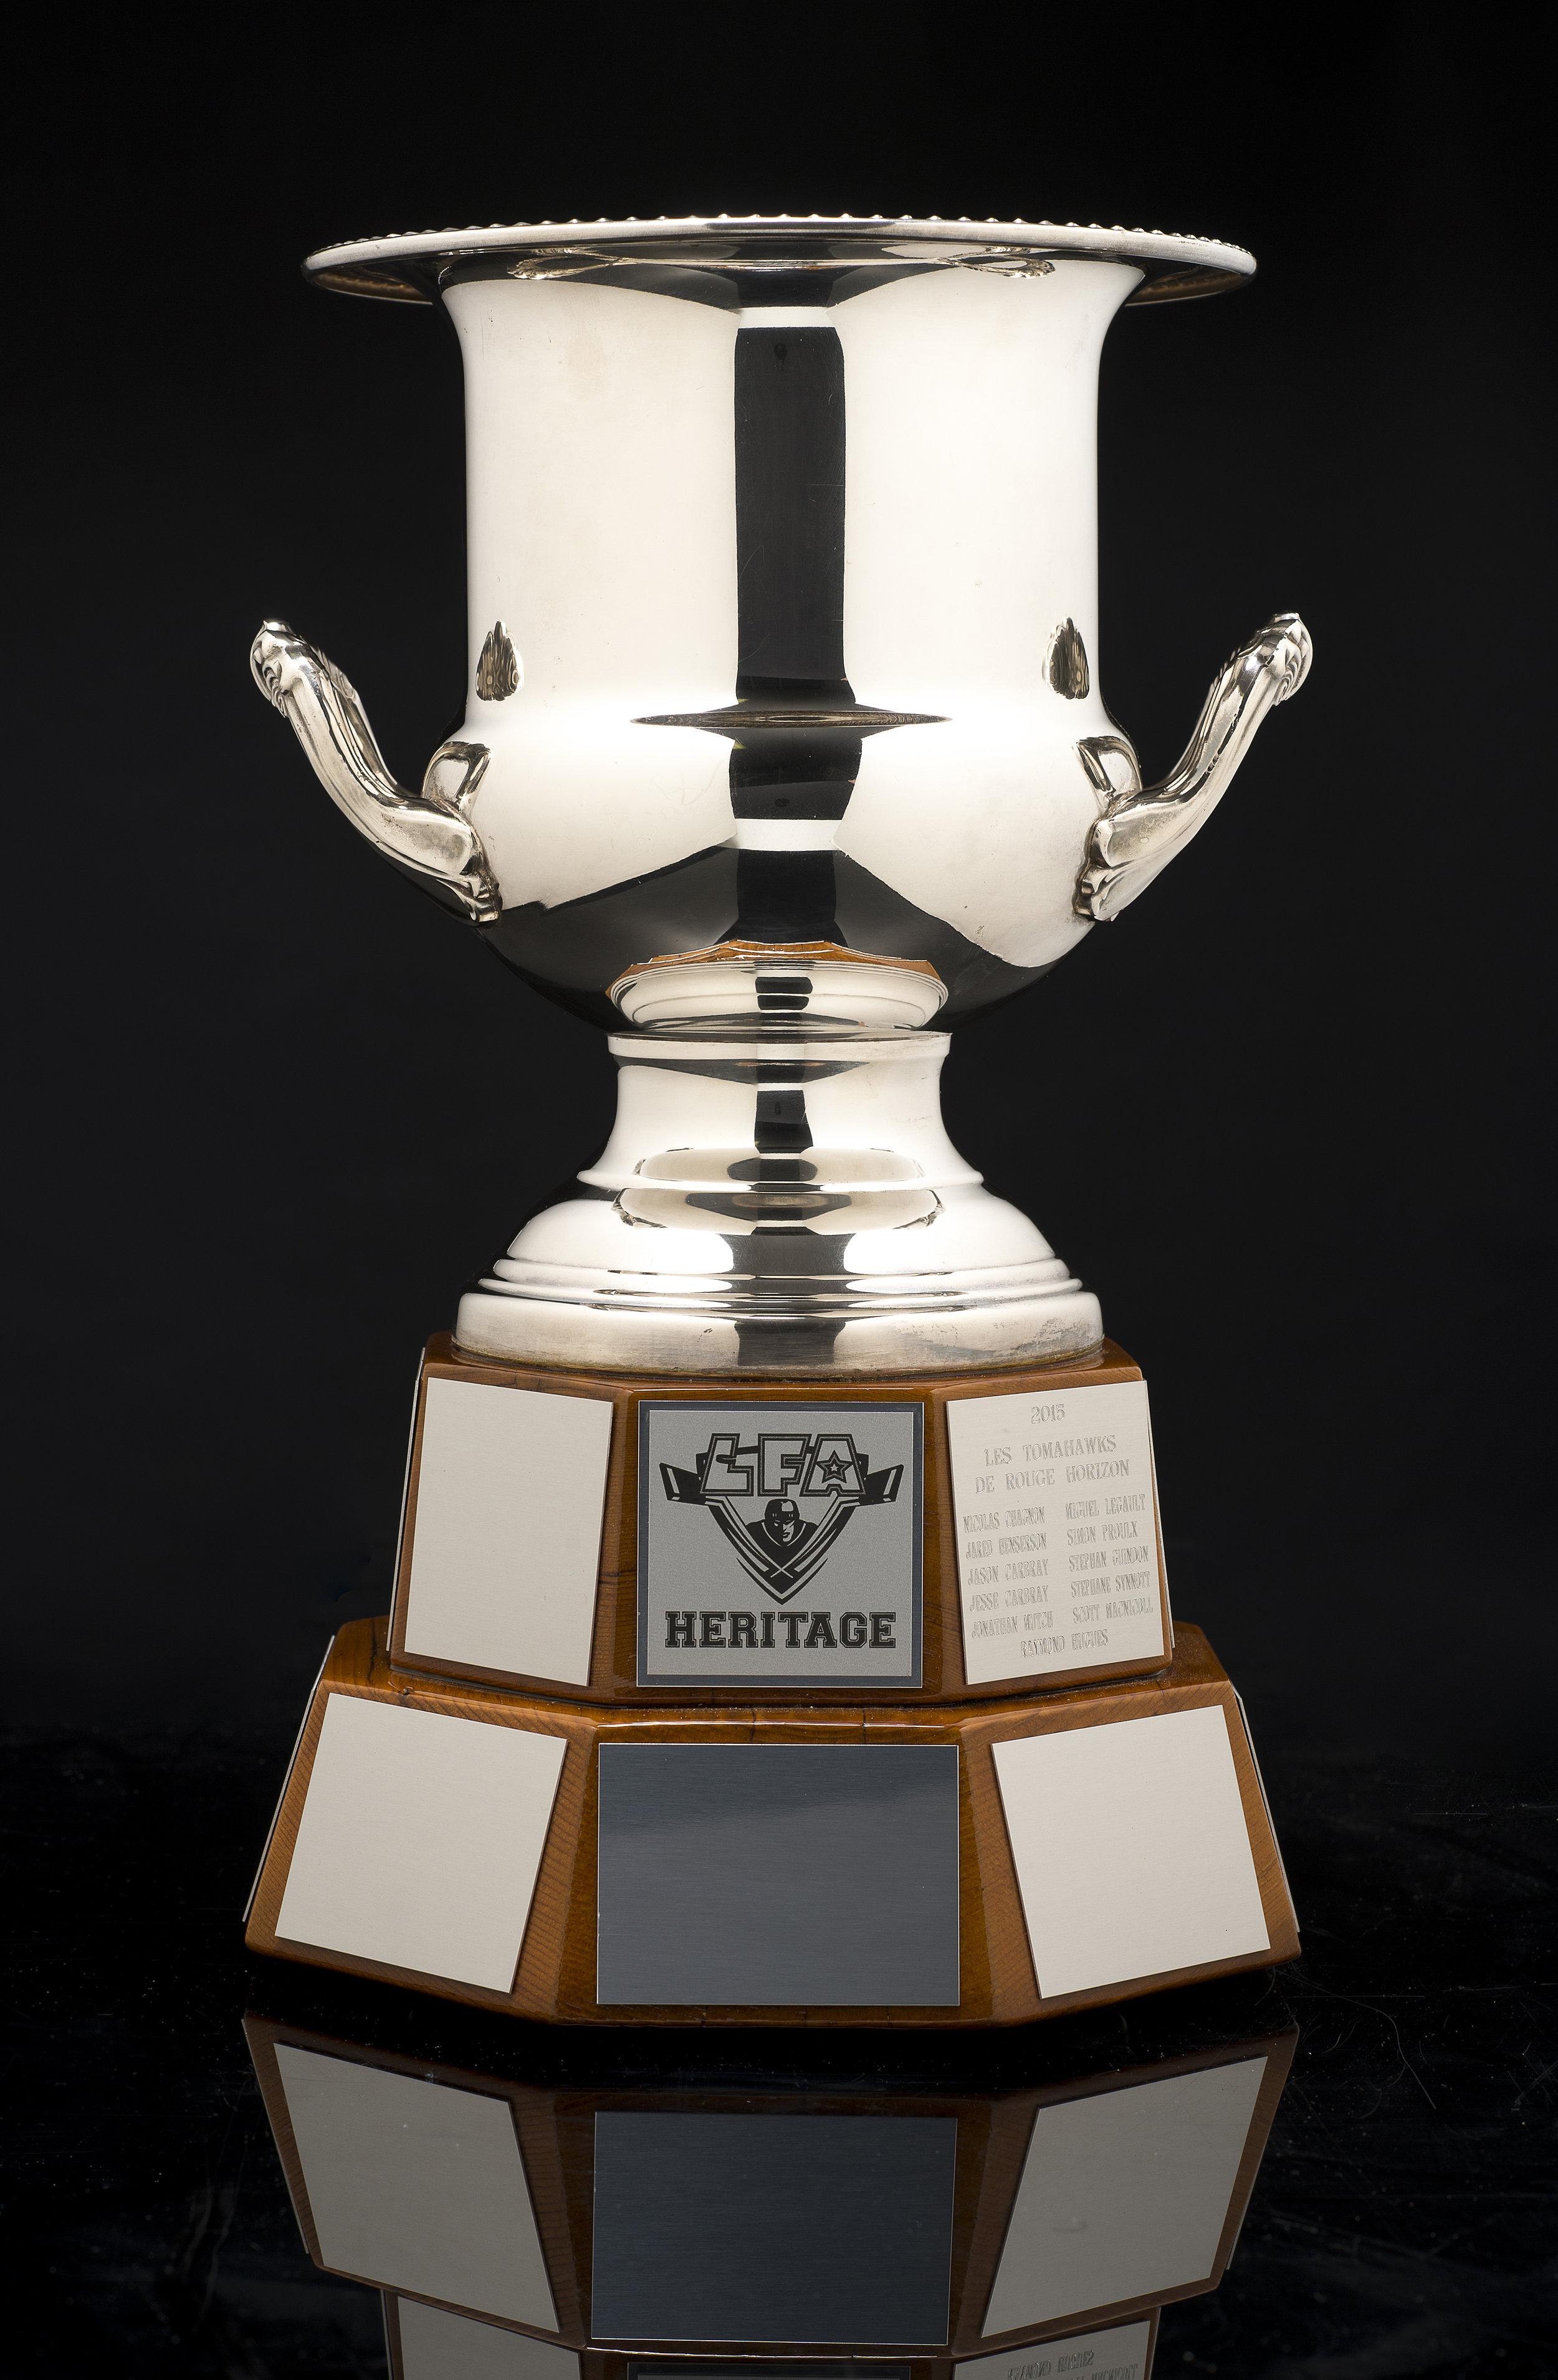 La coupe Heritage , disign et fabrication par Totem Urbain, fière partenaire de la LFA depuis ses débuts (photo bruno petrozza)